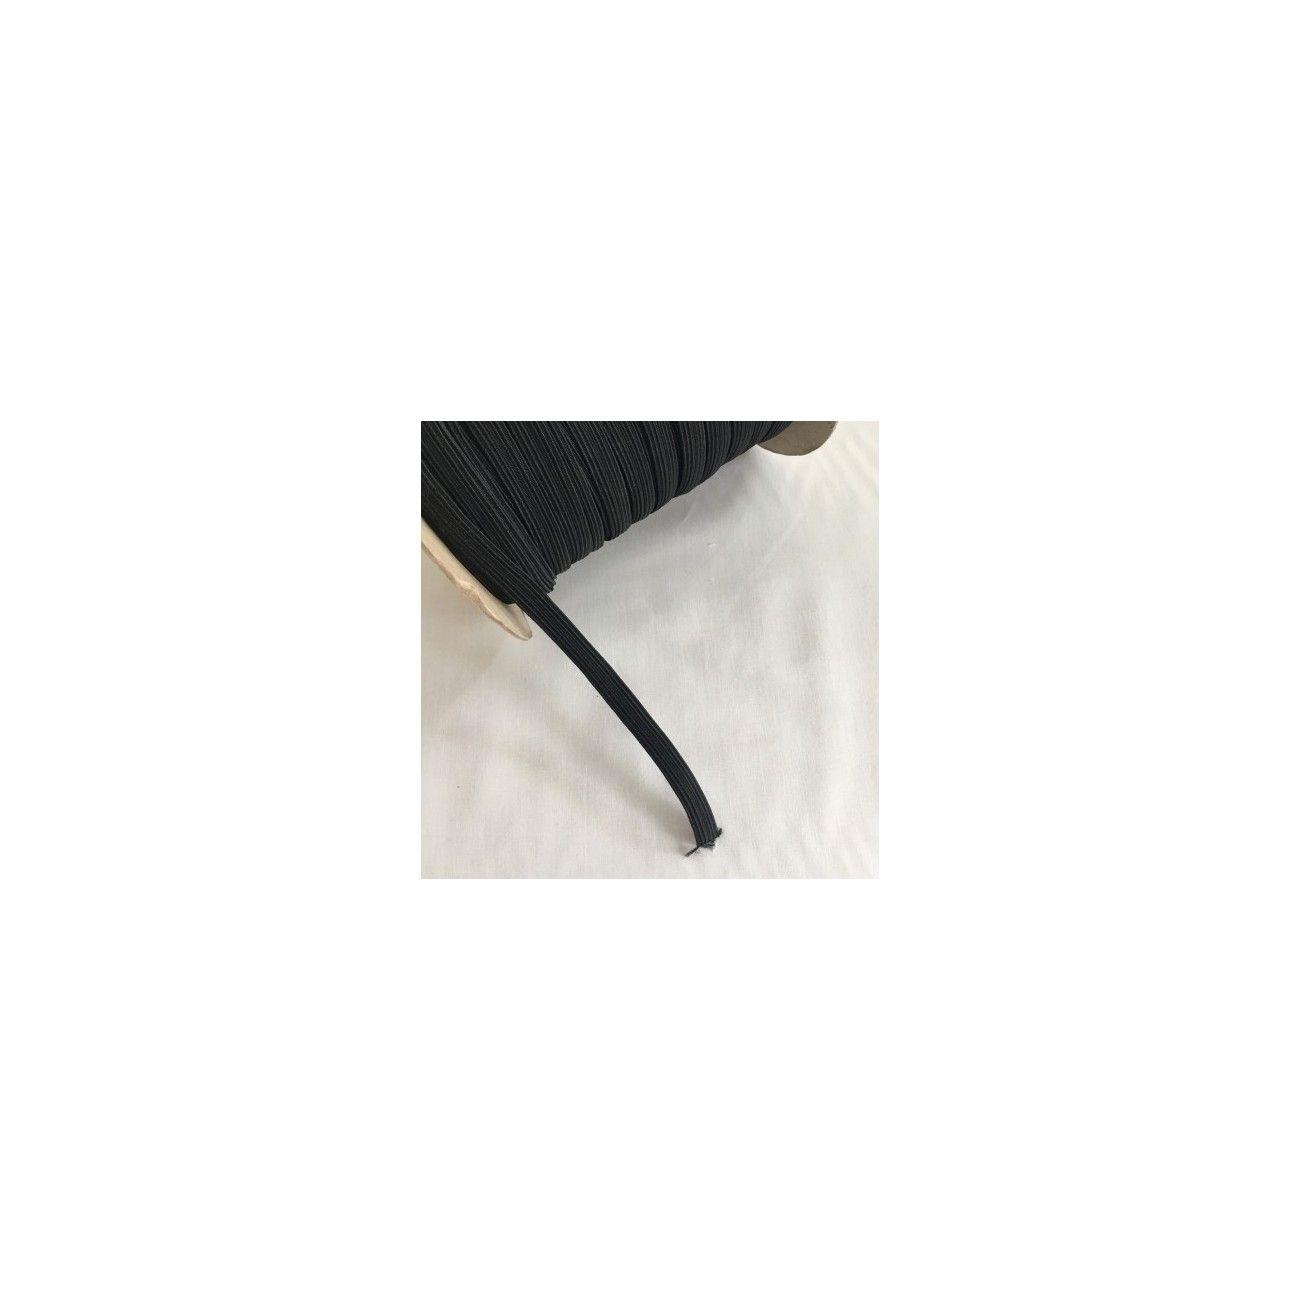 Ruban d'élastique 6mm noir